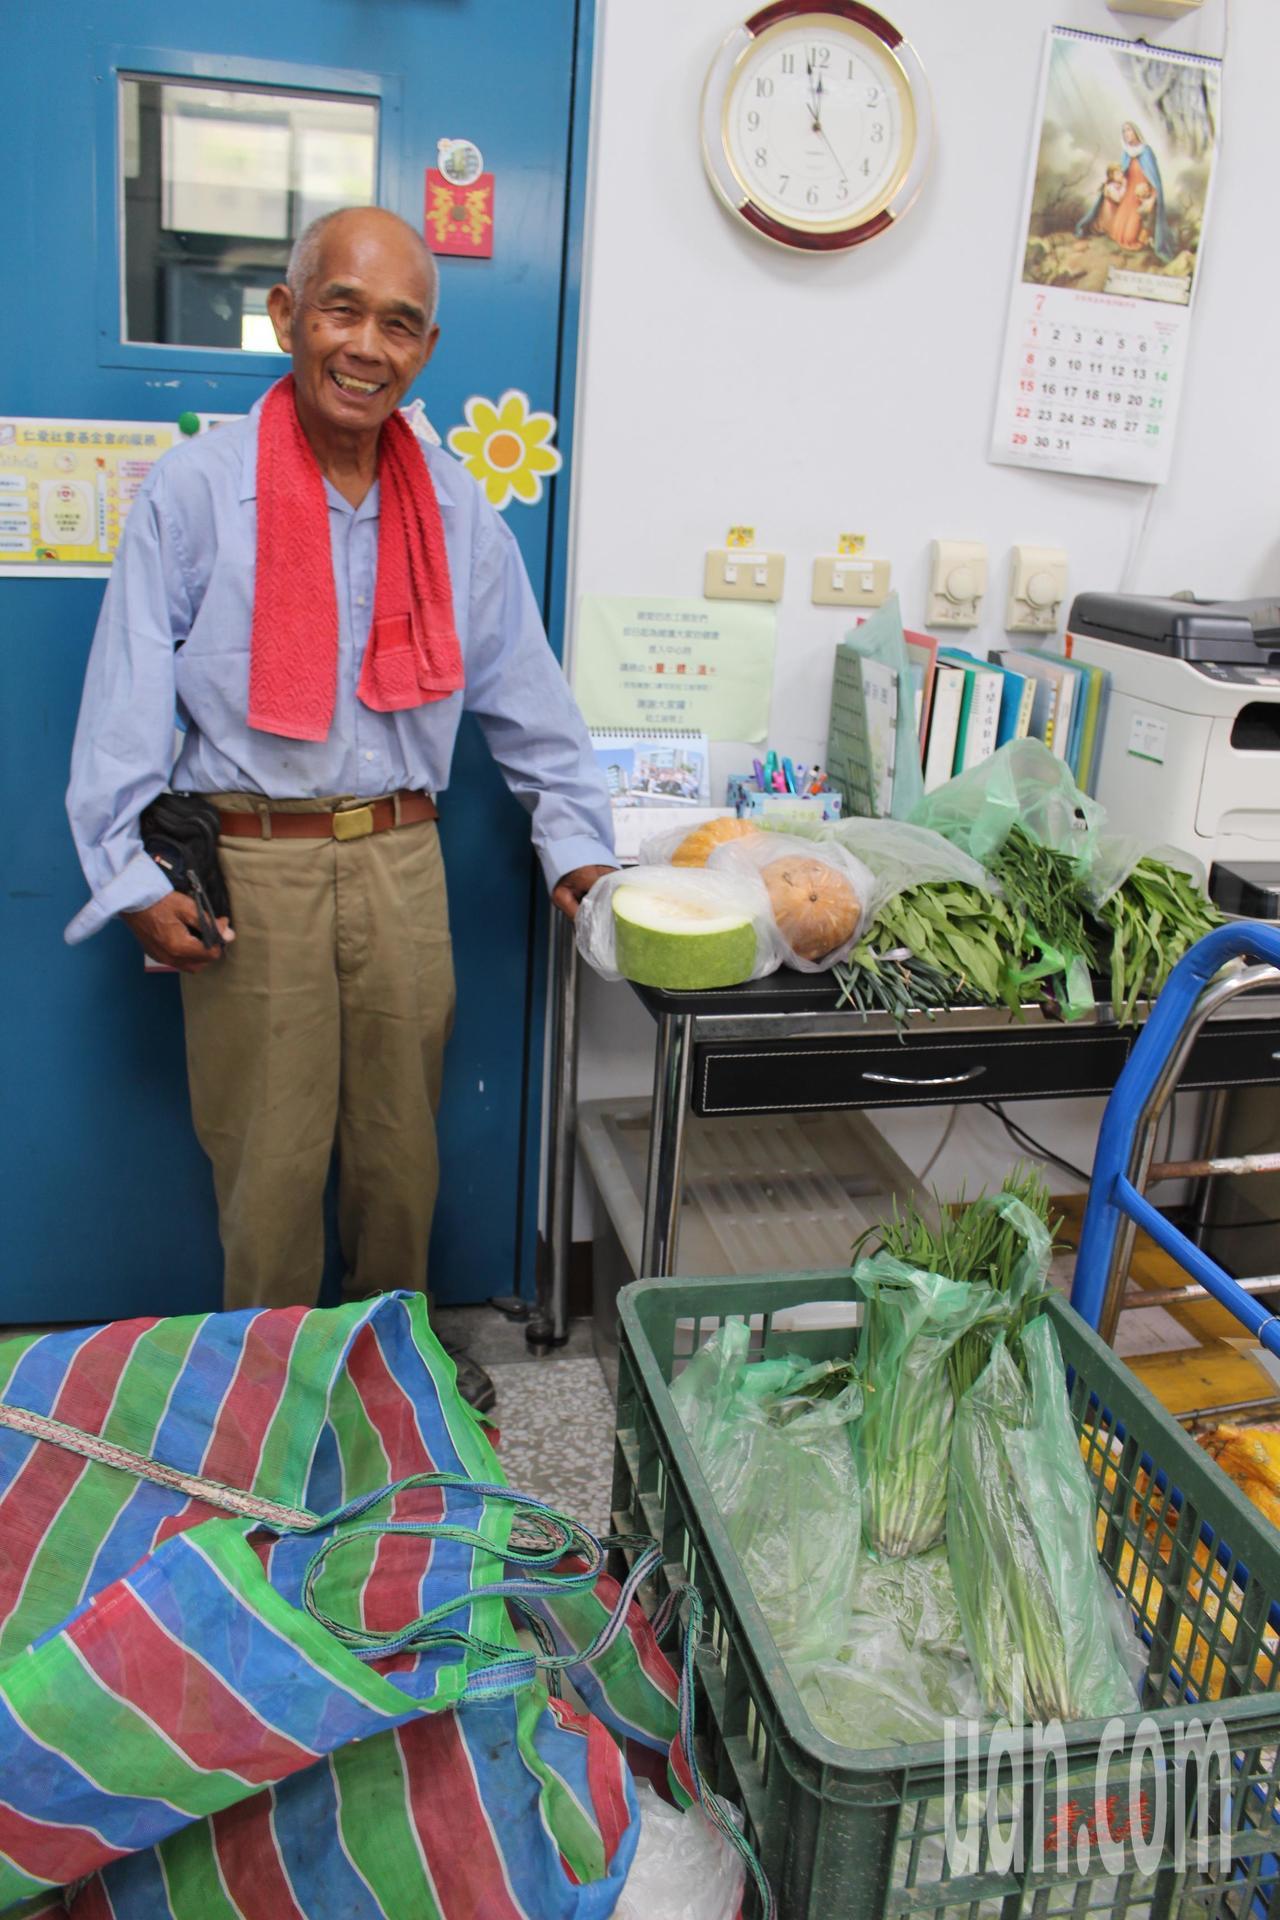 78歲羅榮億為了支付家庭開銷、照顧重度智能障礙者的么子阿源,開始學習種菜、賣菜,...